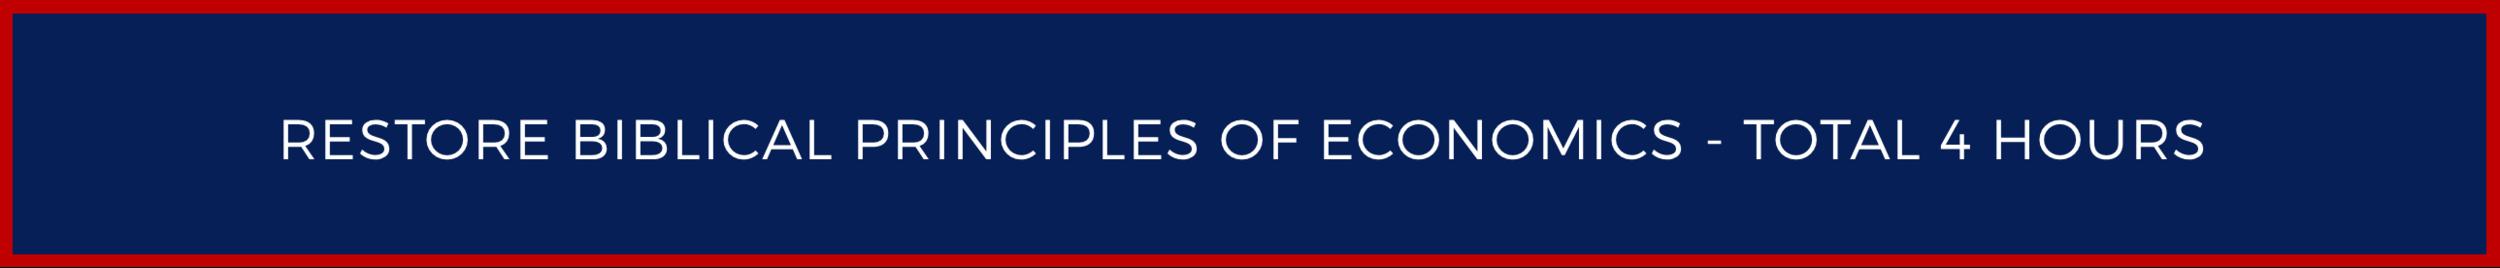 Restore Biblical Principles of Economics